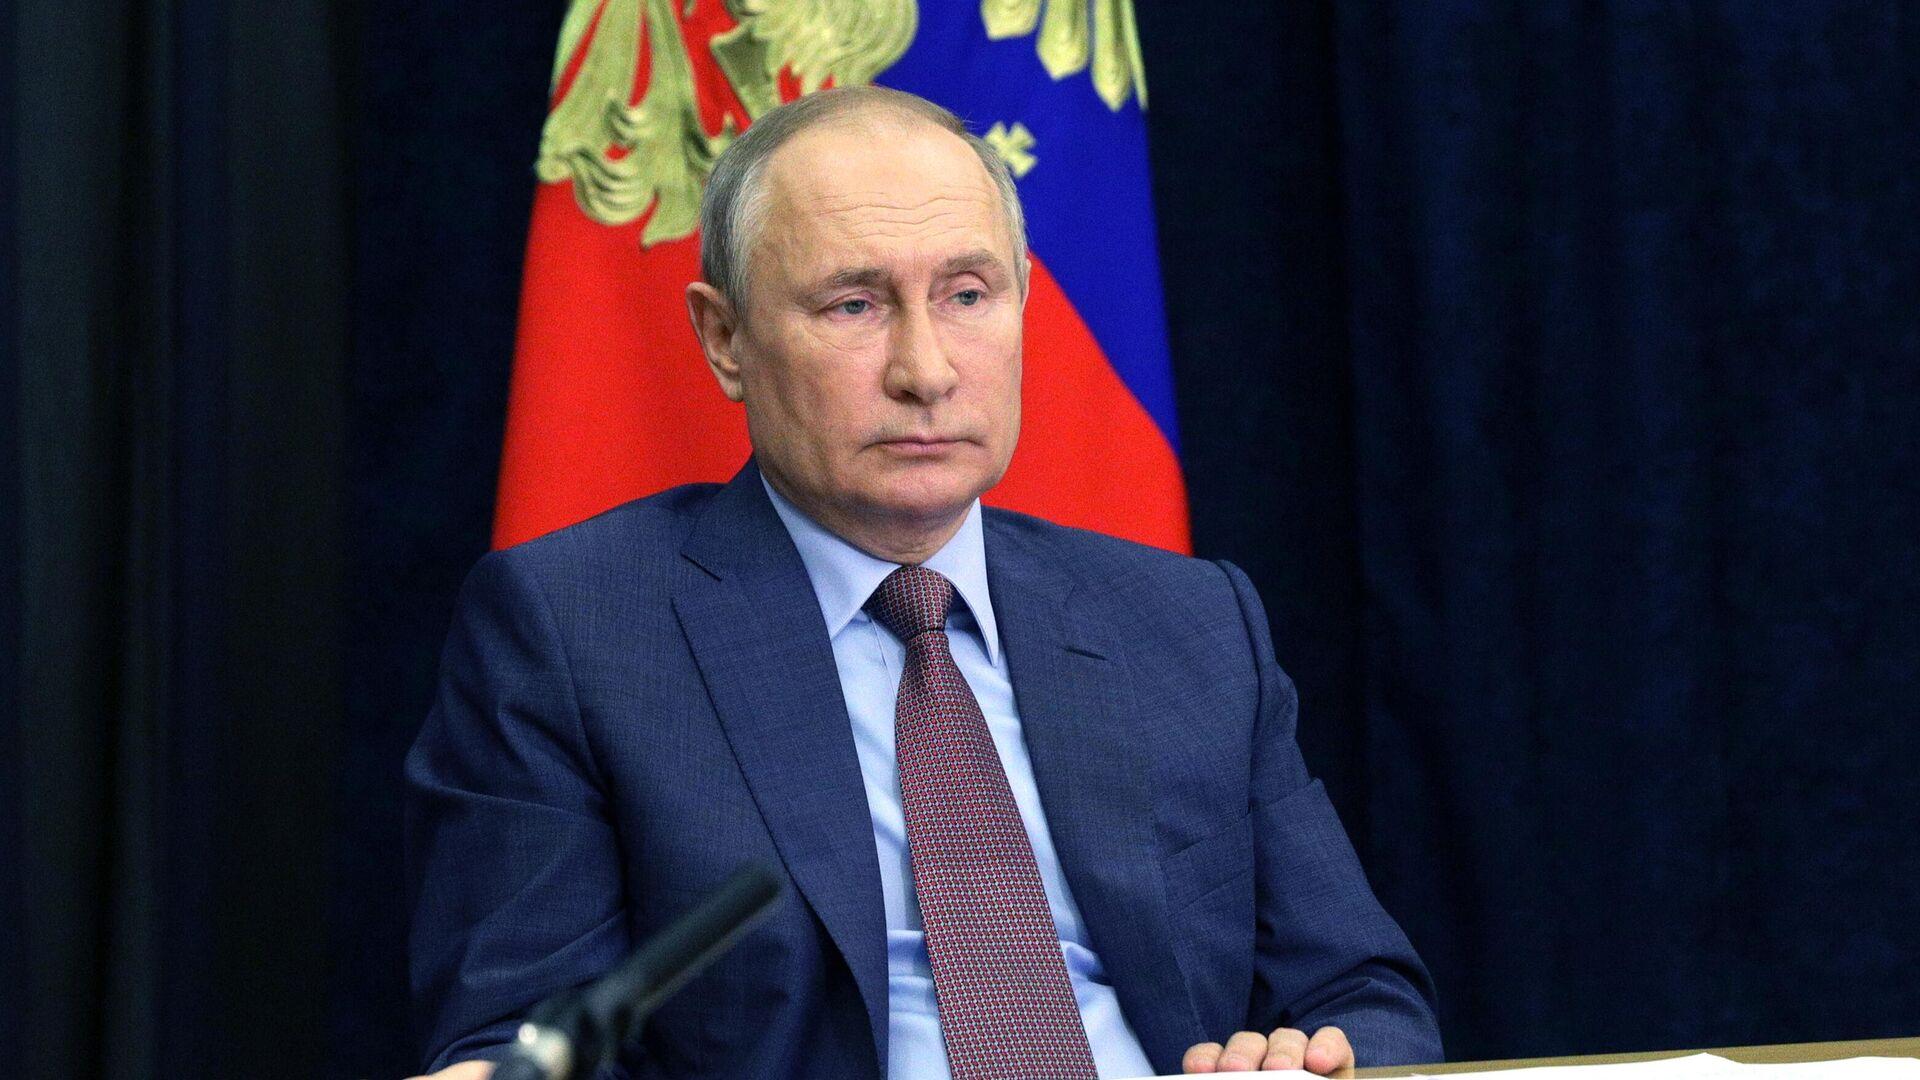 Президент РФ Владимир Путин проводит совещание с членами правительства РФ в режиме видеоконференции - РИА Новости, 1920, 22.06.2021